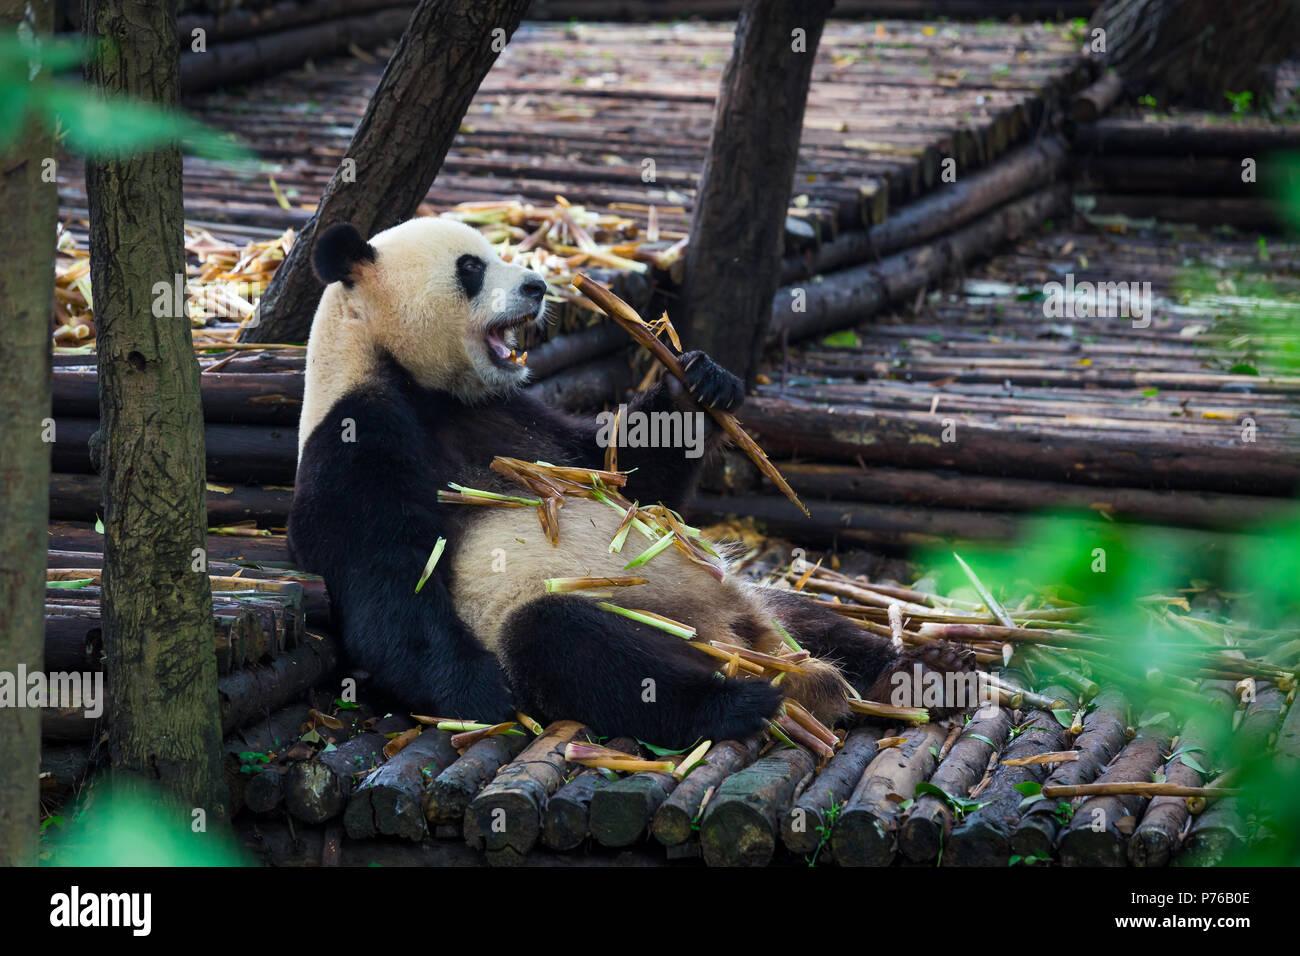 Giant Panda Essen Bambus Liegend Auf Holz In Chengdu Provinz